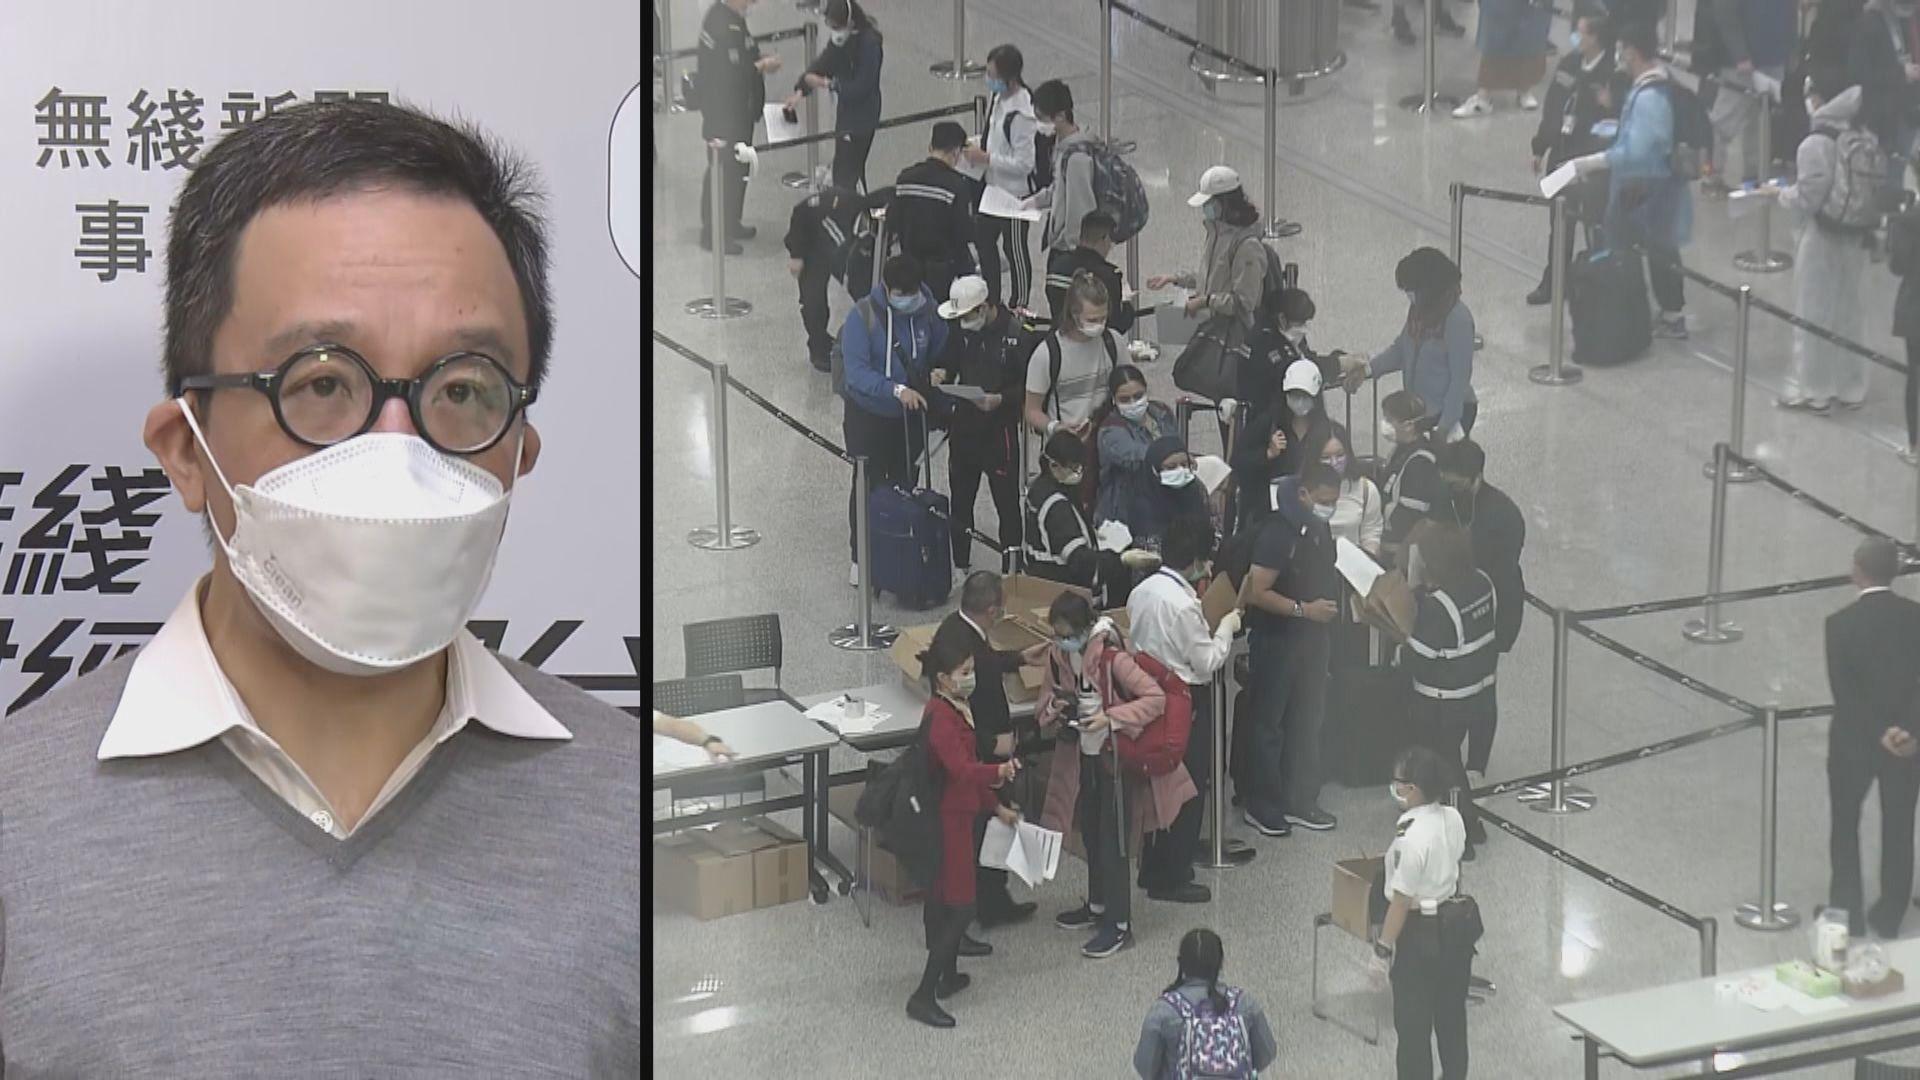 梁卓偉︰應安排所有疫情嚴重國家回來的人在機場做檢測